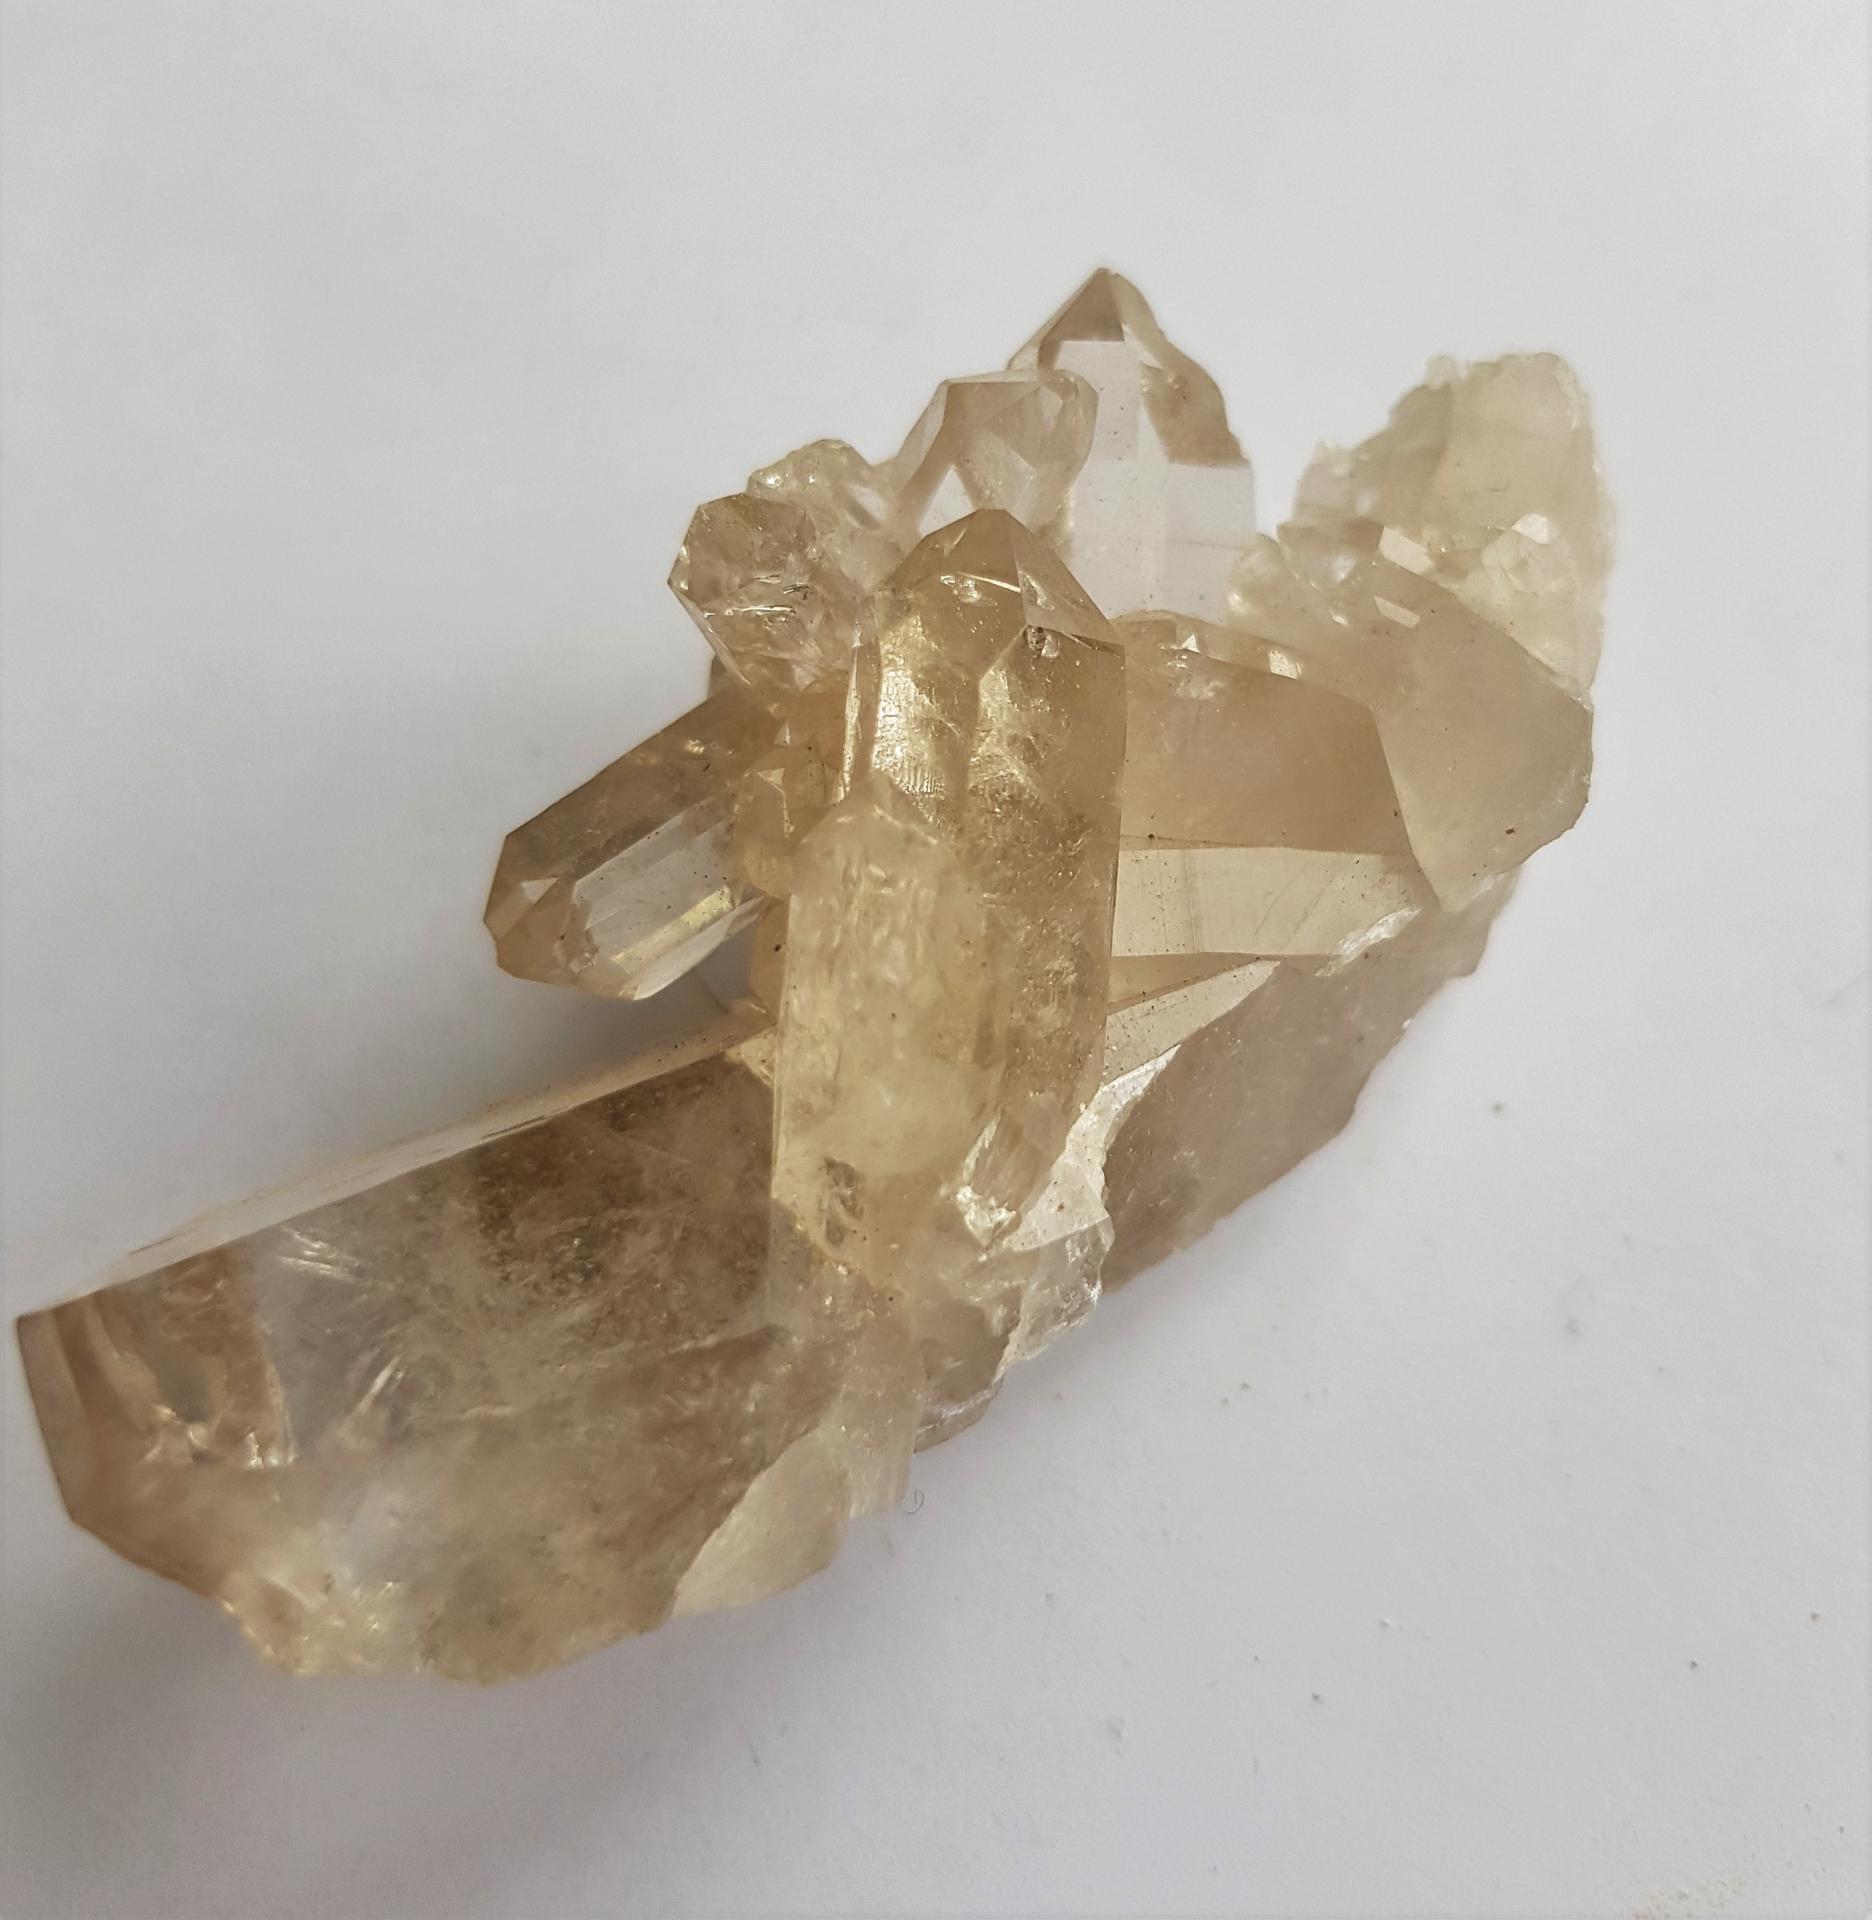 Cristal de roche vaujanie 46 1